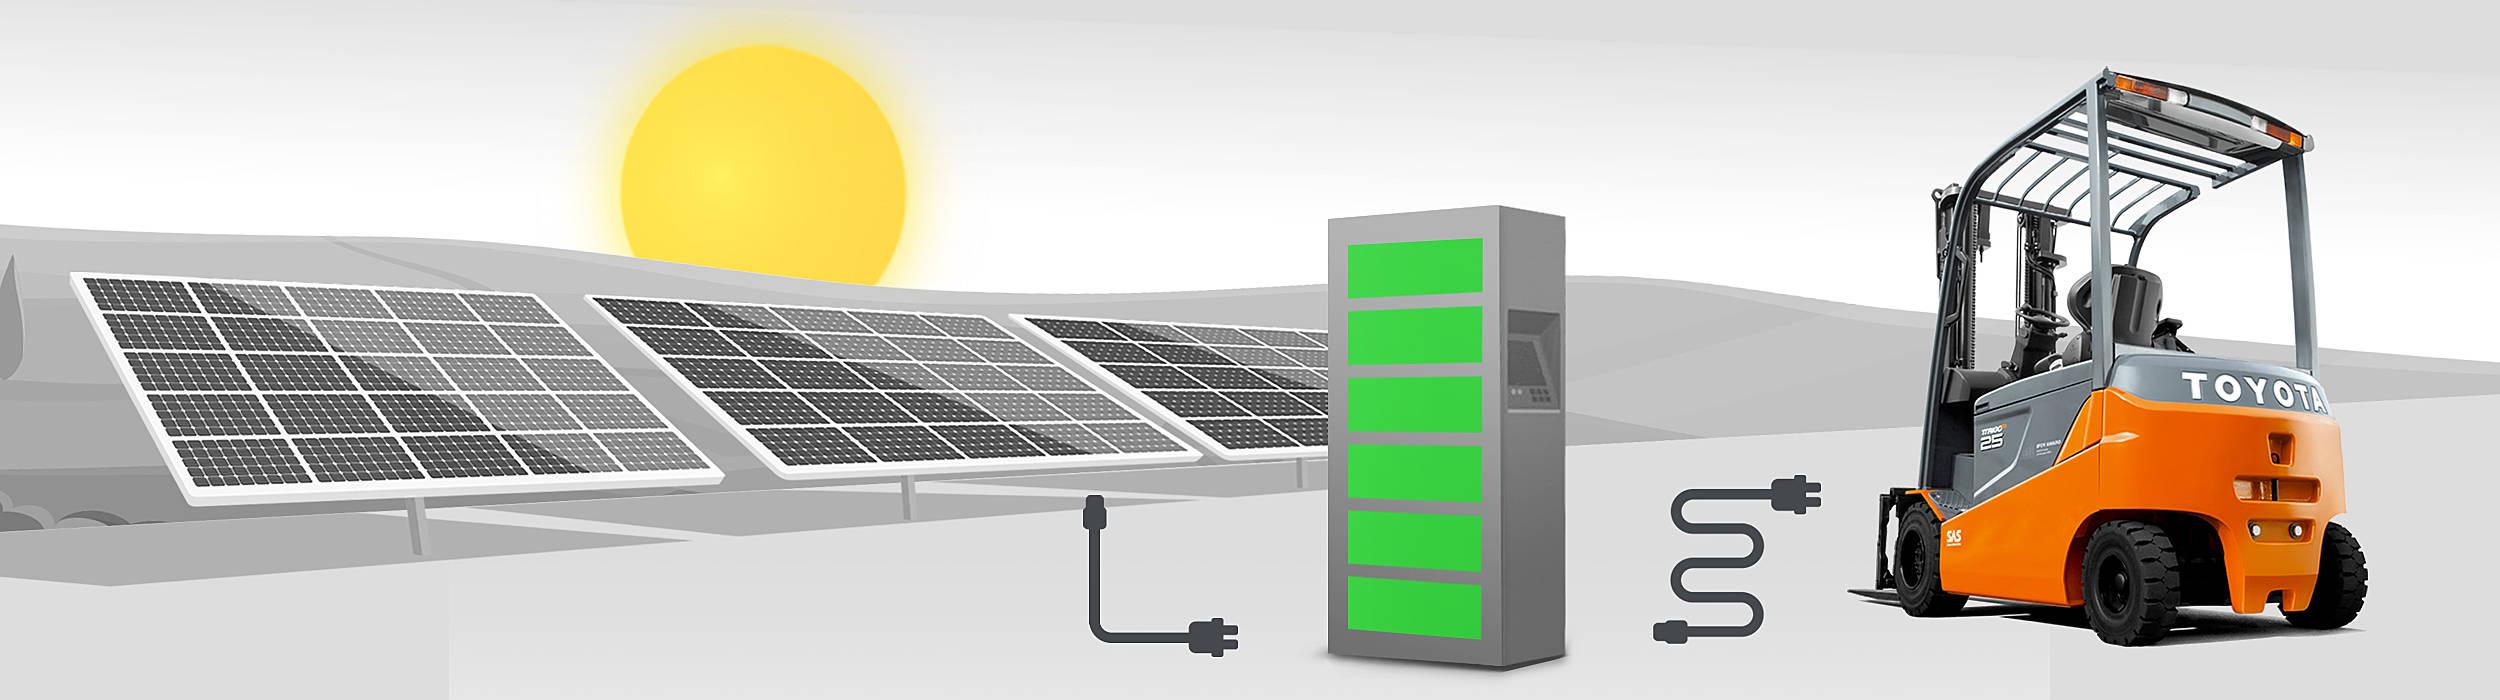 Toyota Material Handling Europe en Eneo Solutions slaan de handen ineen in een strategisch programma voor zonne-energie